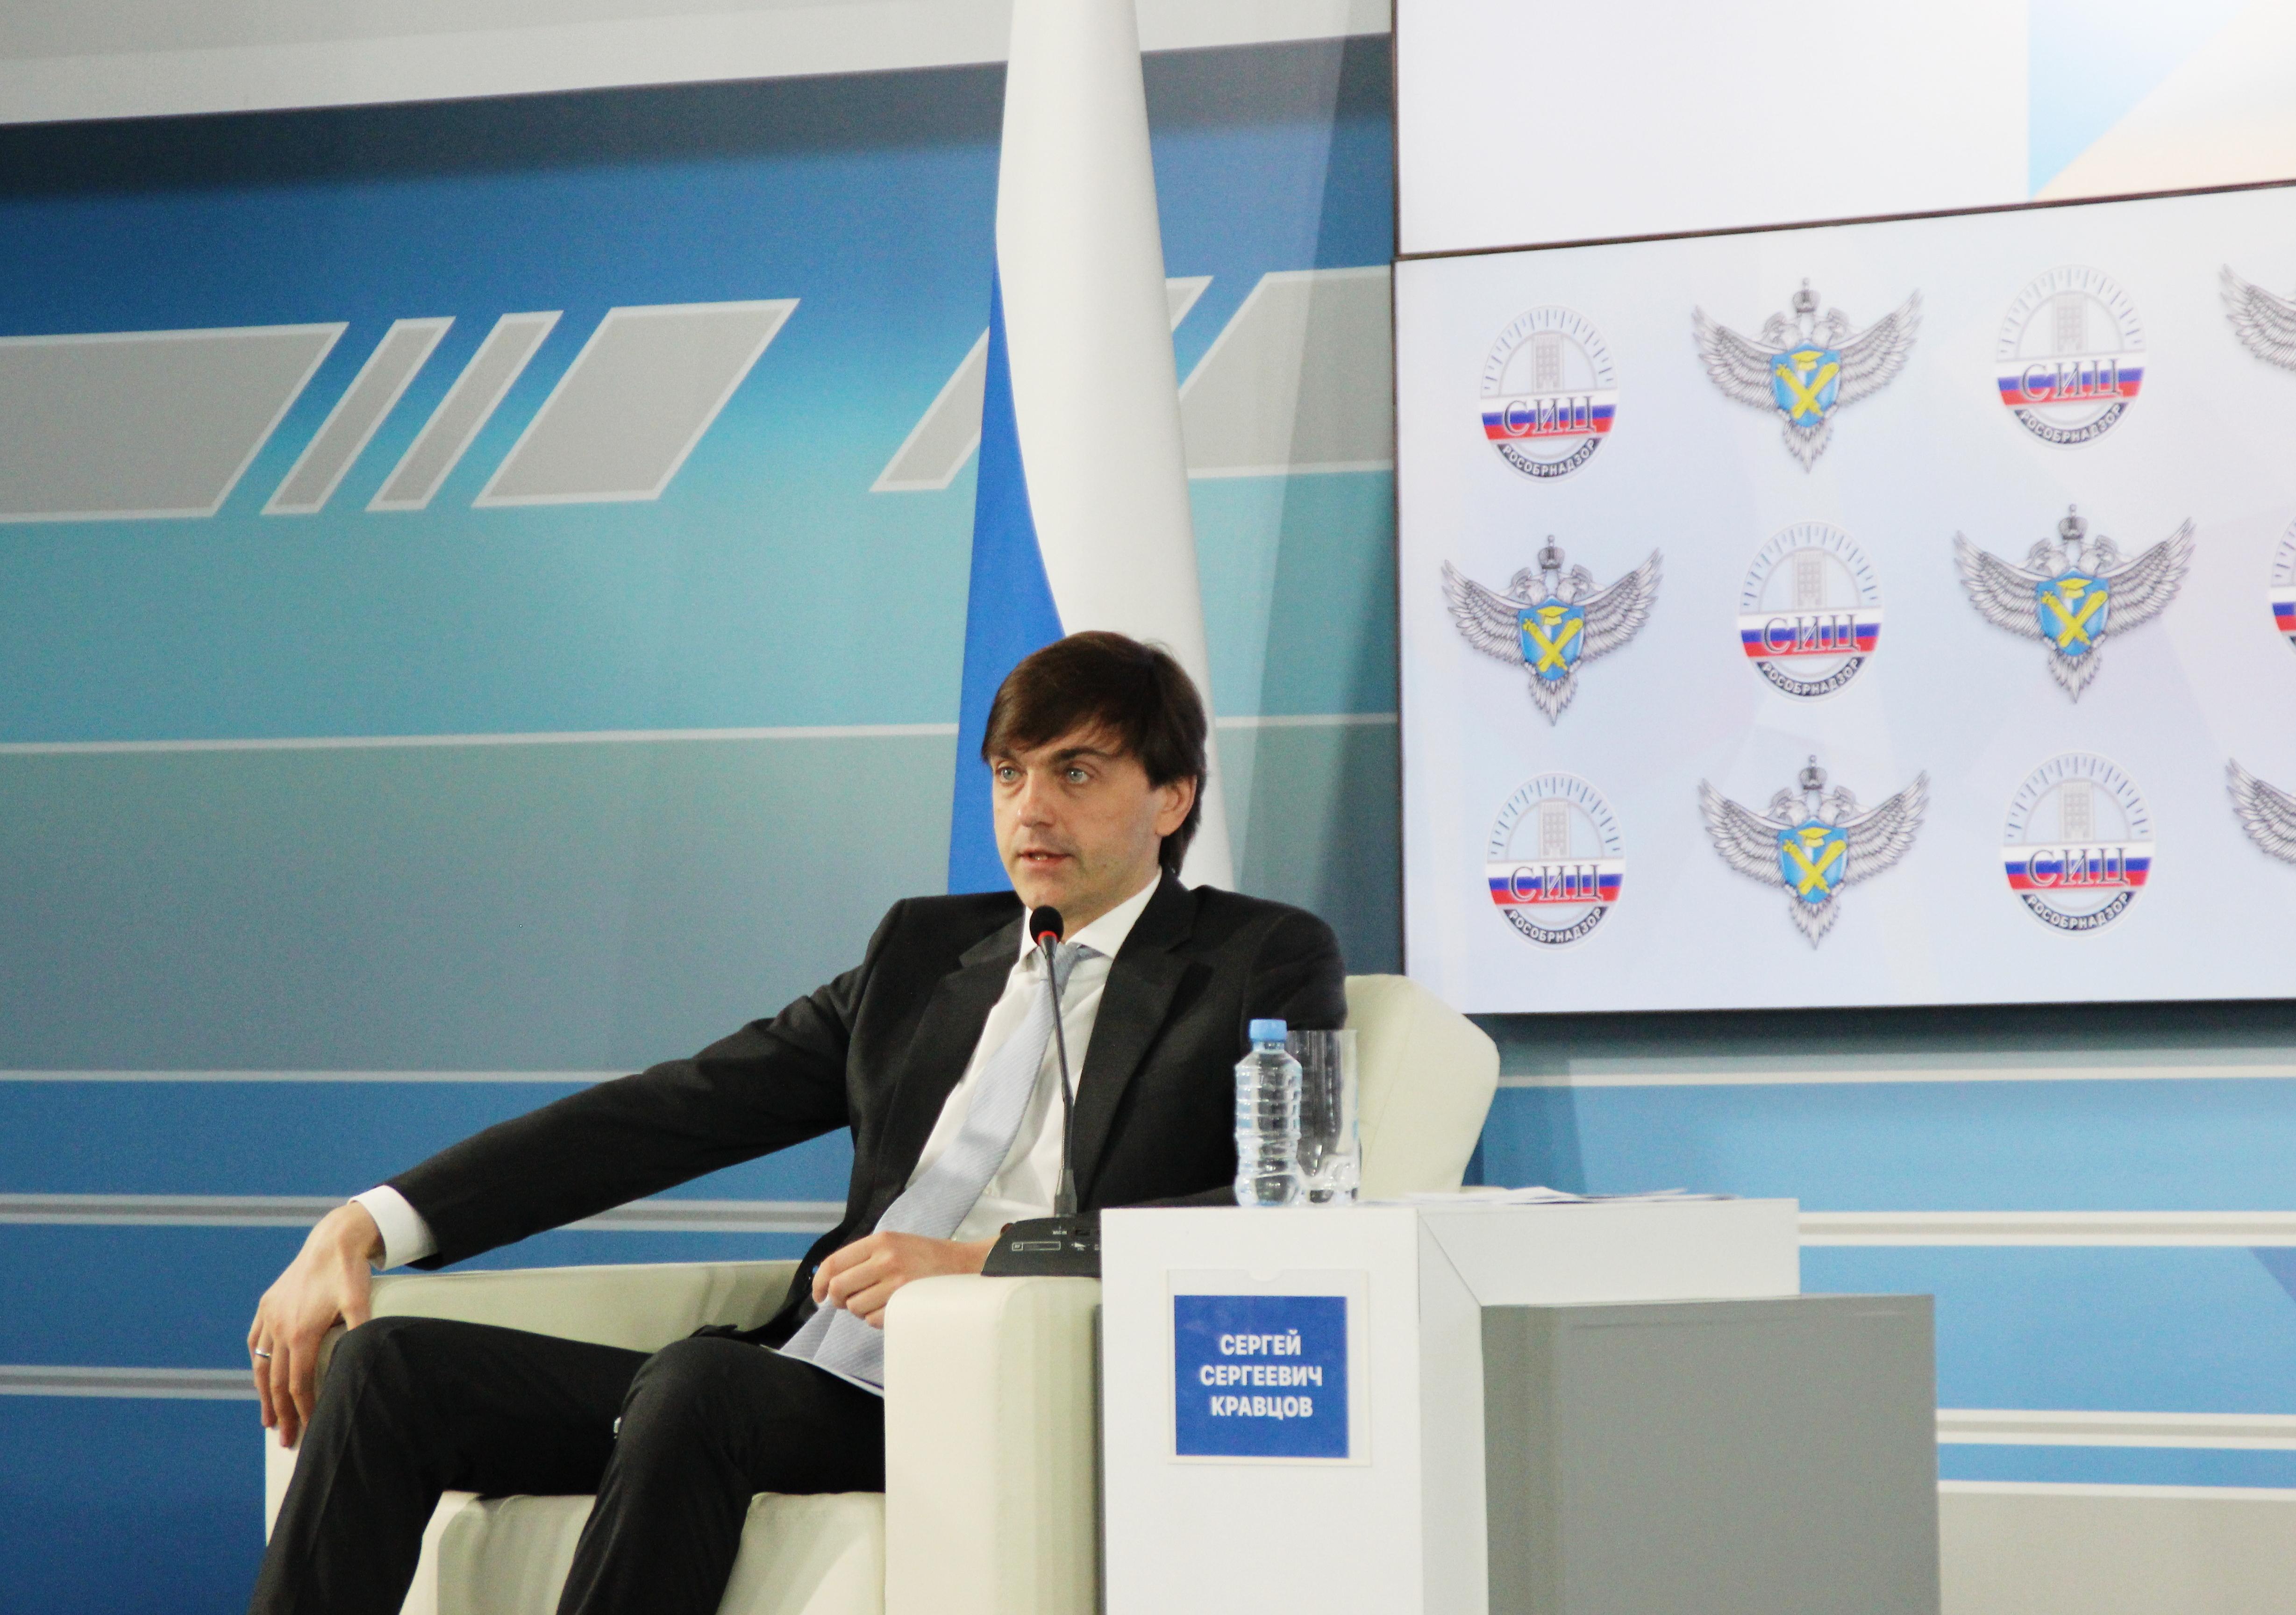 Глава Рособрнадзора ответил на вопросы выпускников и их родителей перед началом ЕГЭ-2019